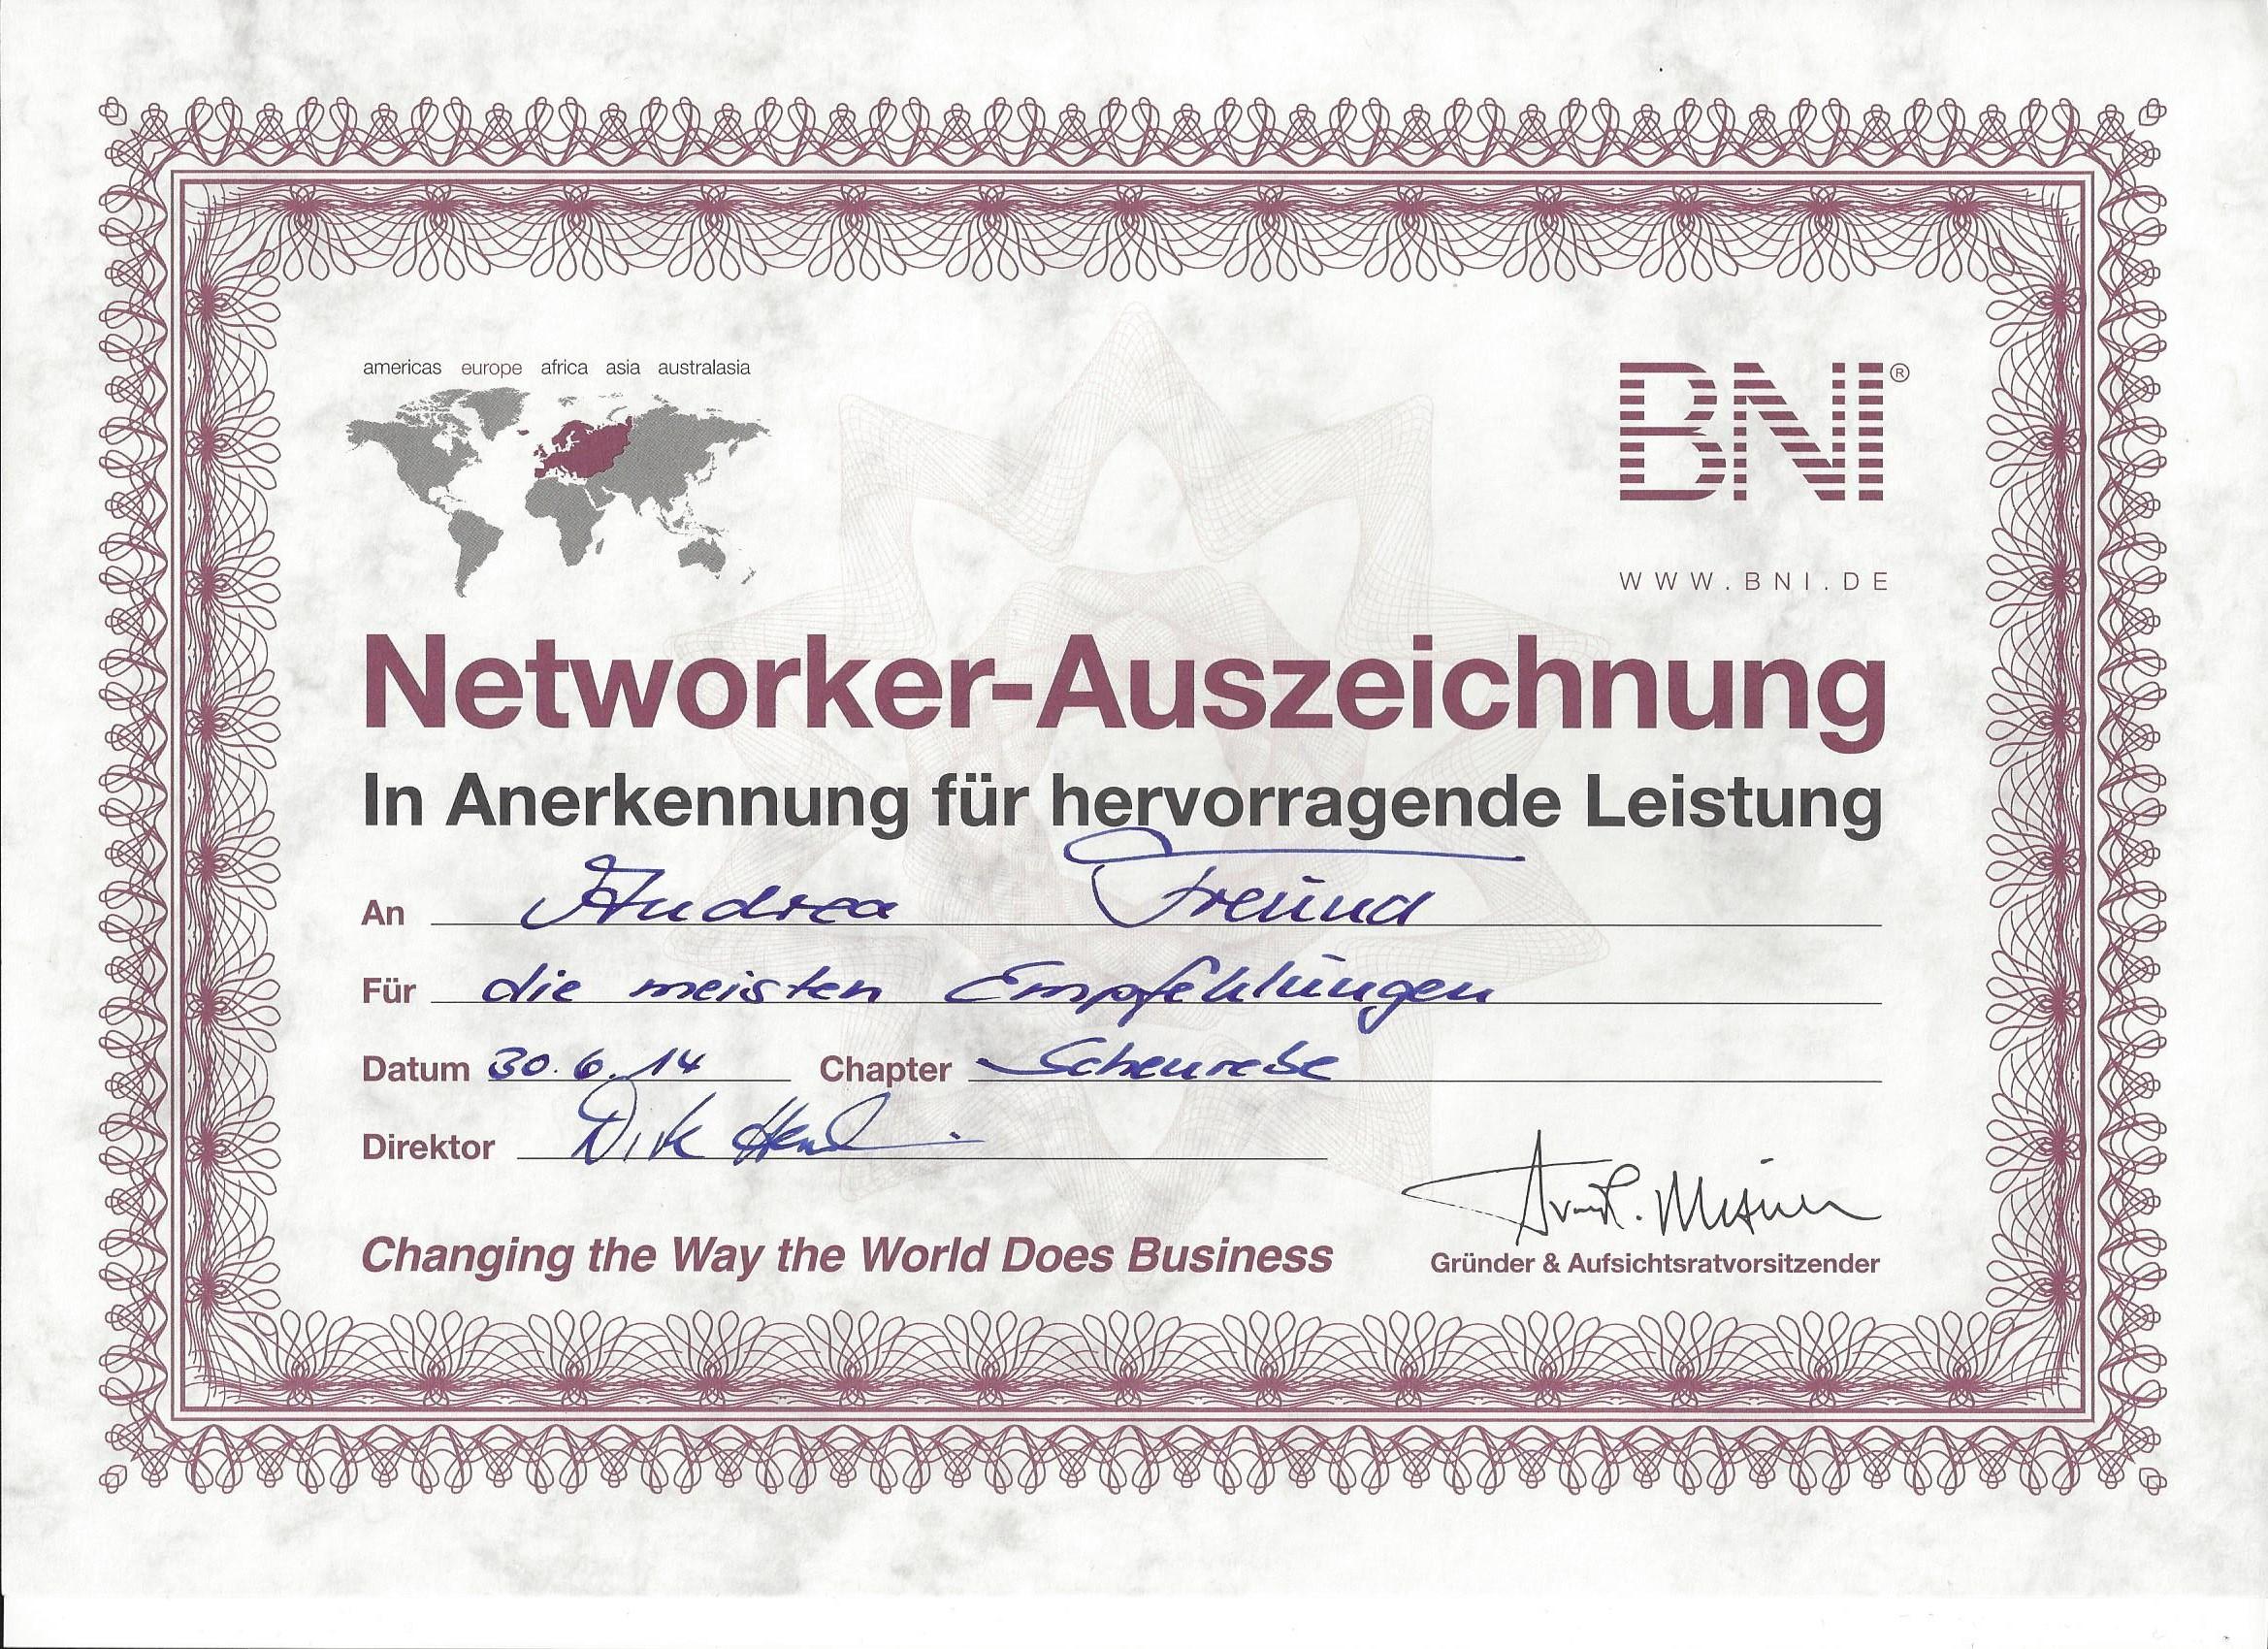 BNI_Networker_Auszeichnung_1